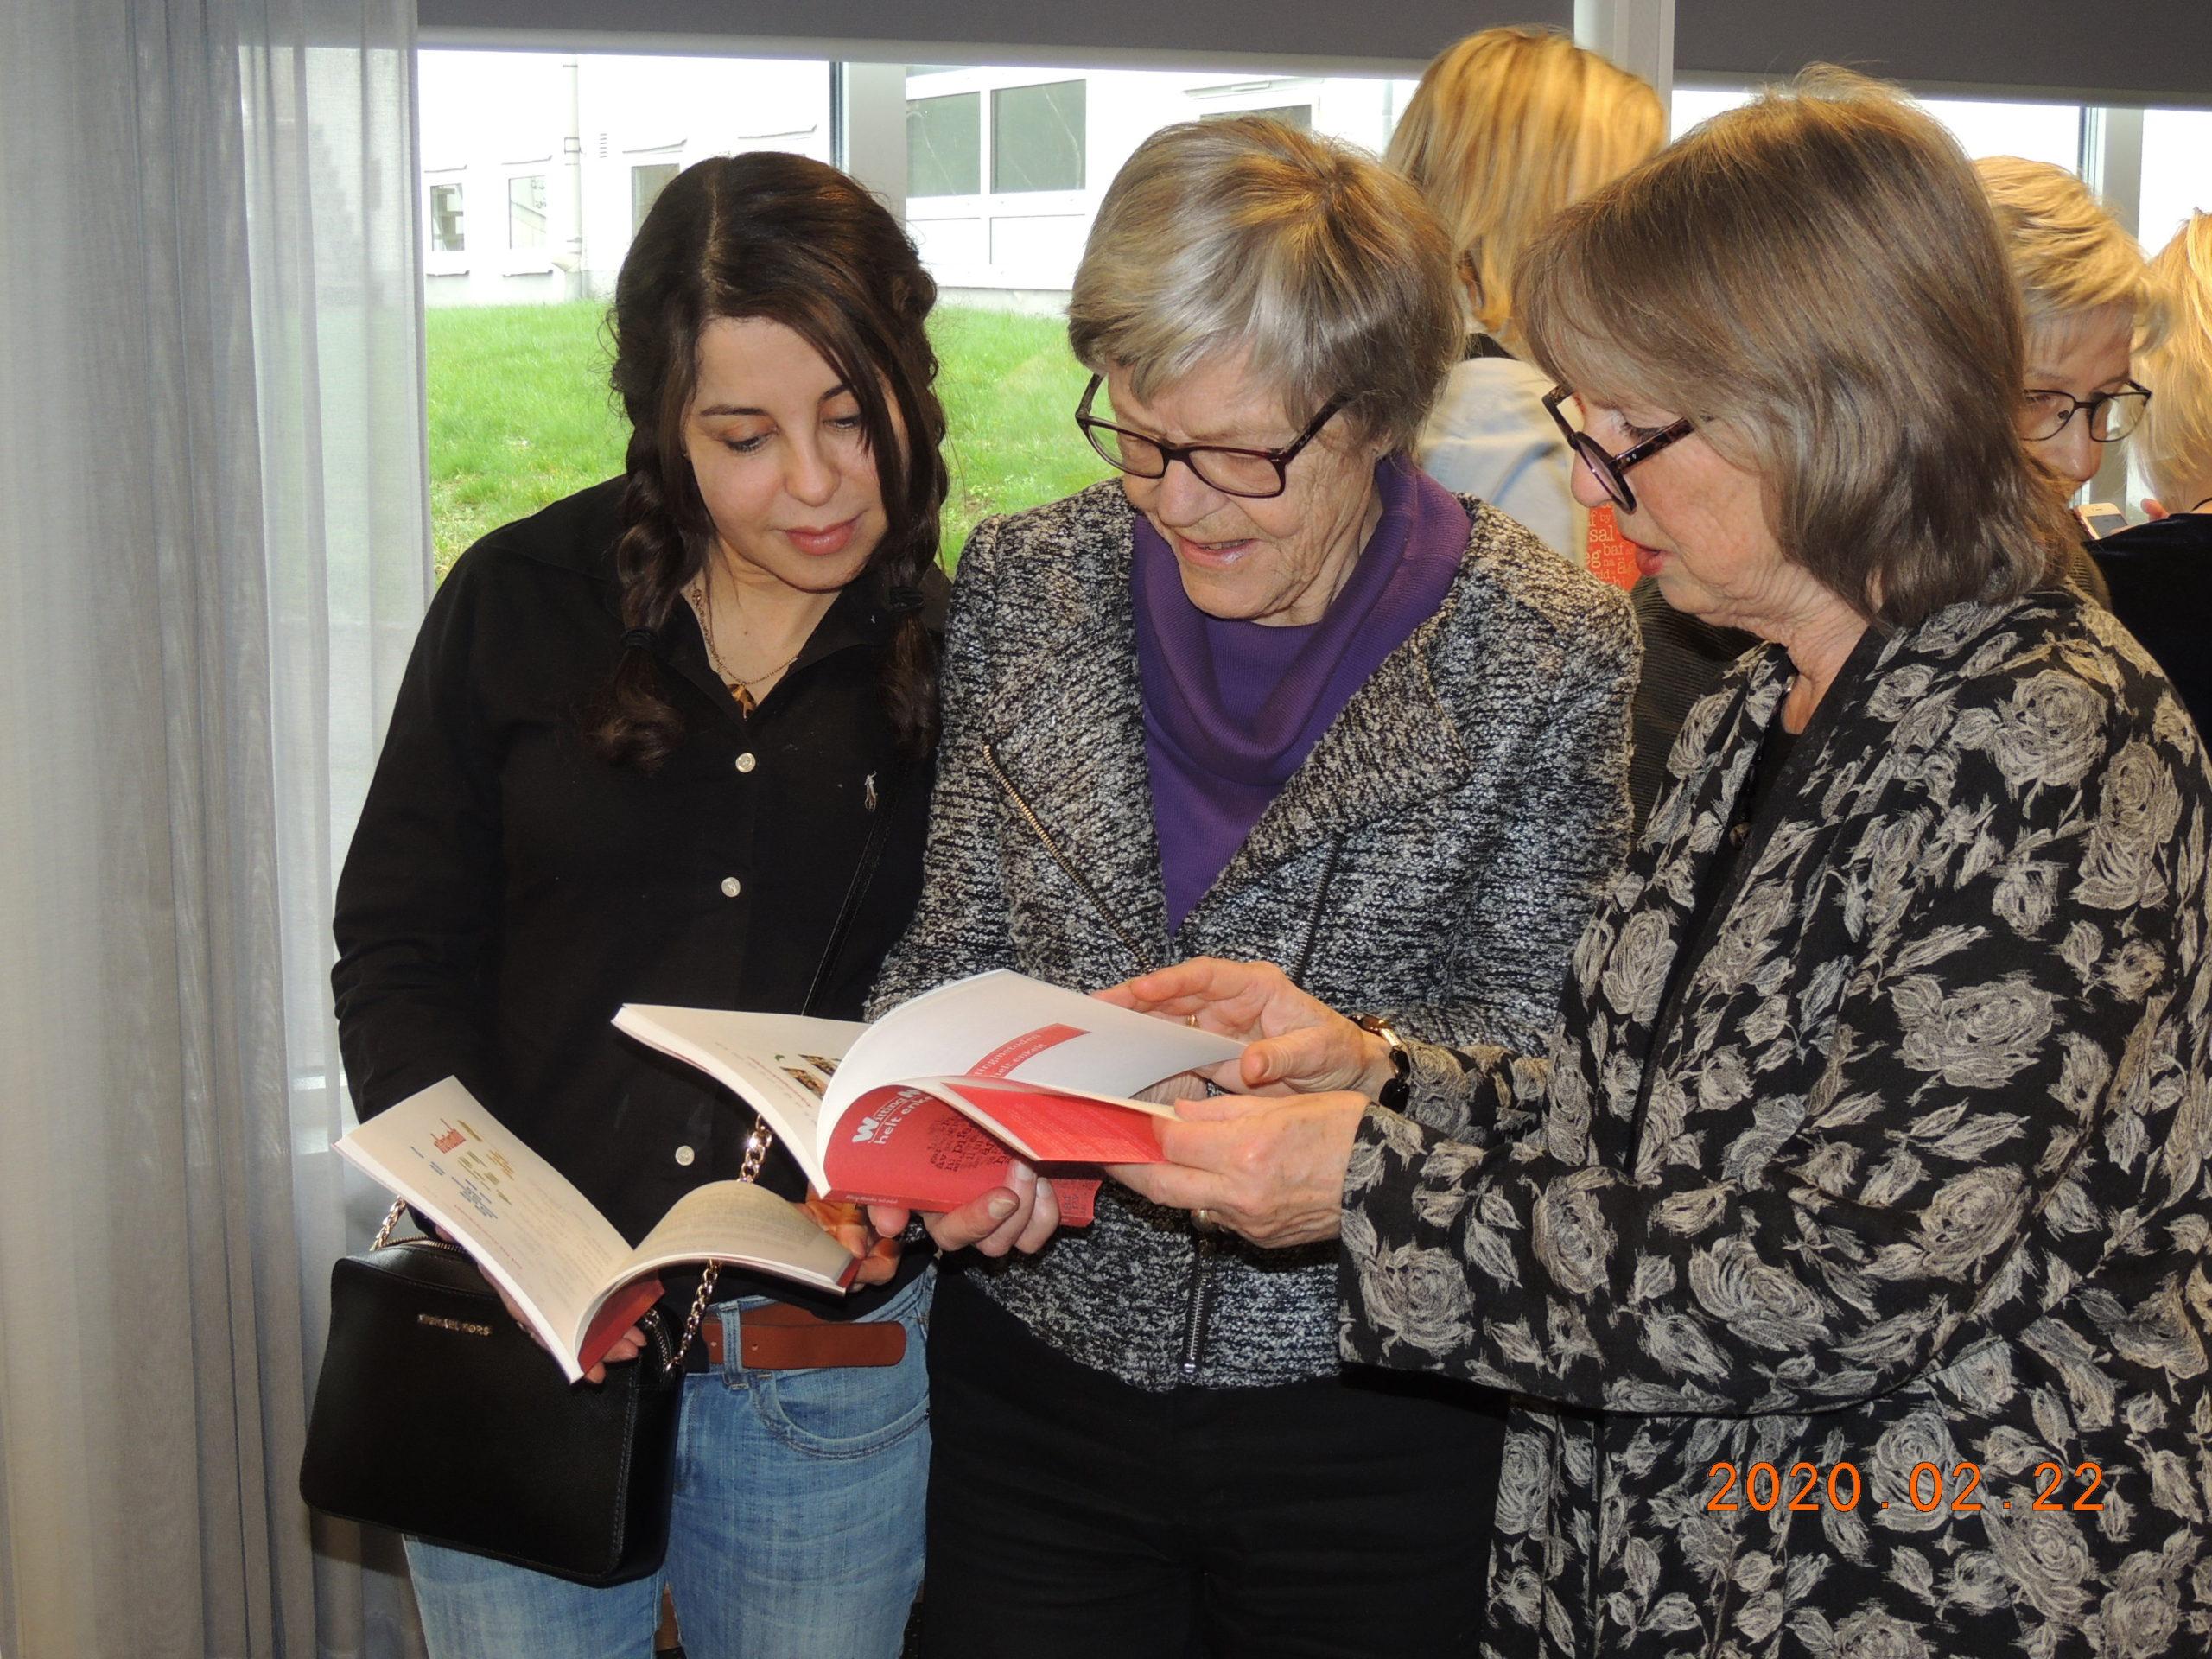 20 Ann-Katrin, Christina och ....